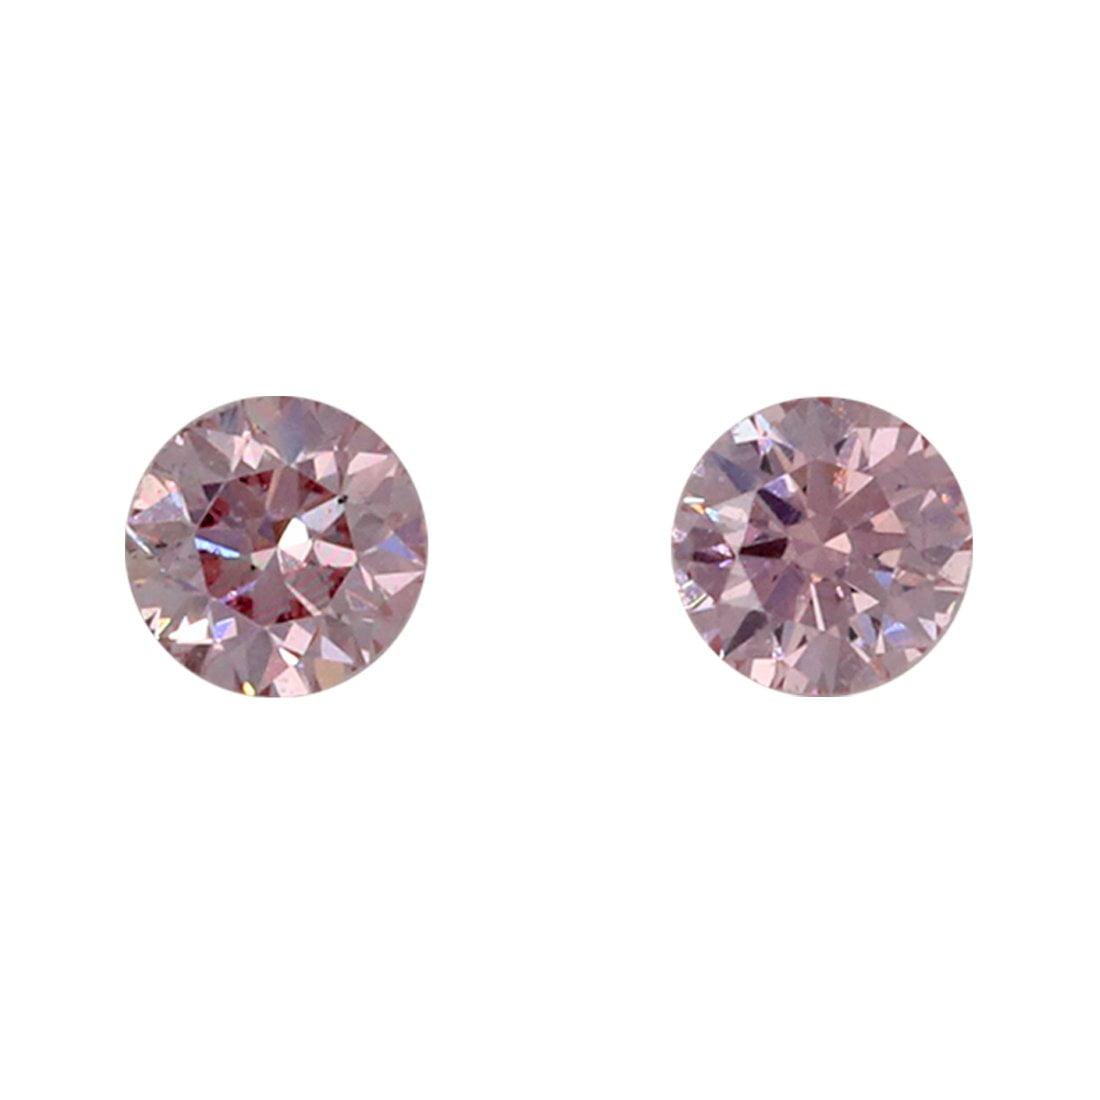 2=0.14ct Natural Fancy Intense Purplish Pink, 6P Argyle Diamond